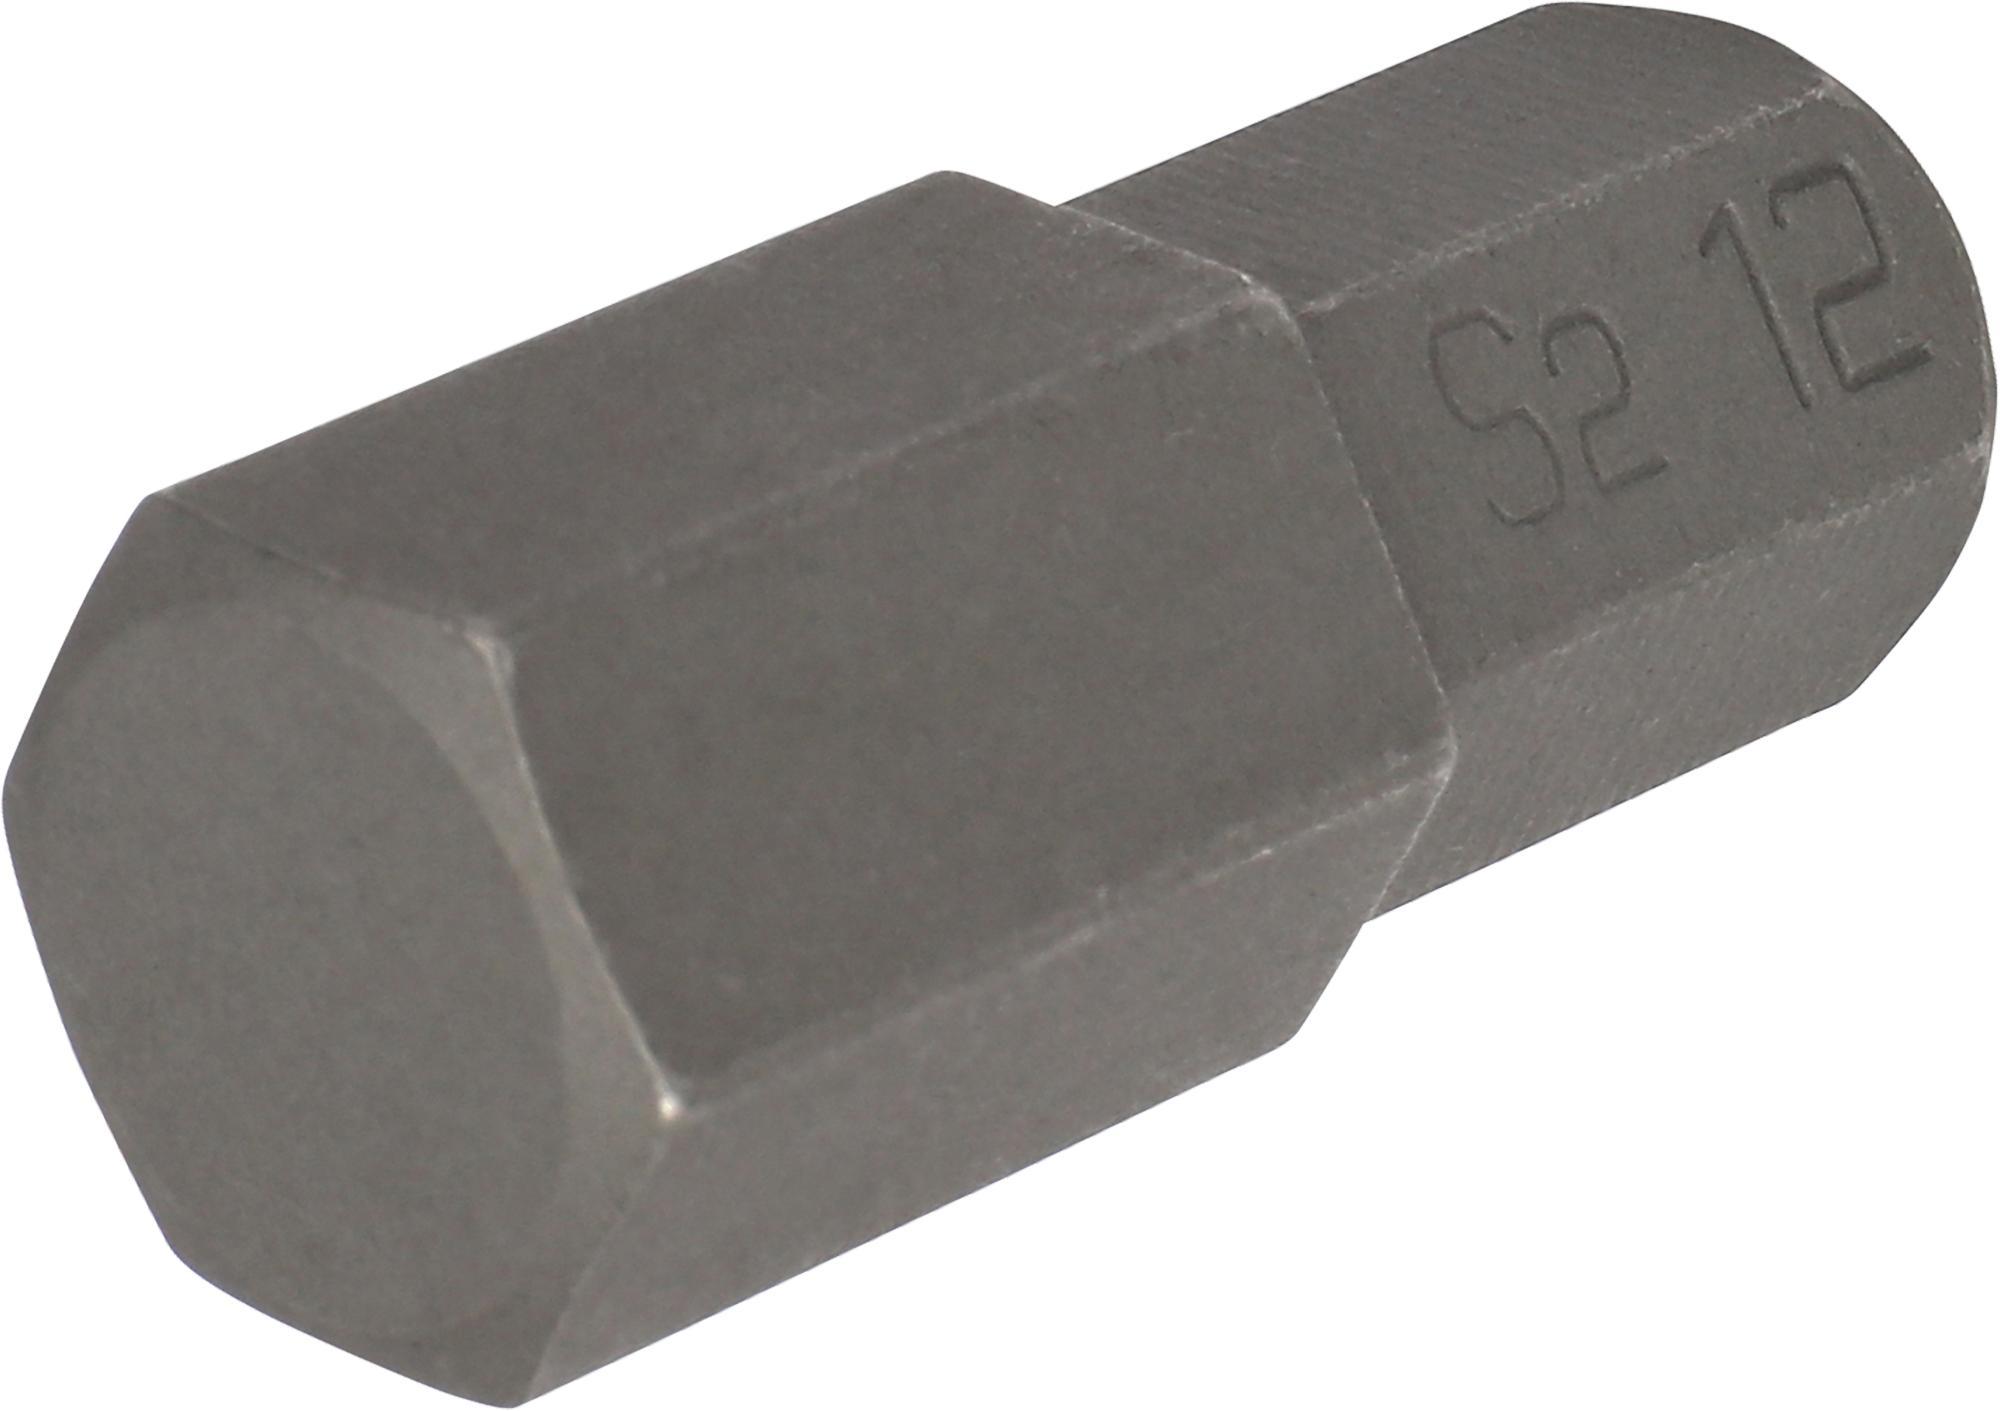 Bit, 10 mm 6-hran, IMBUS 12x30 mm